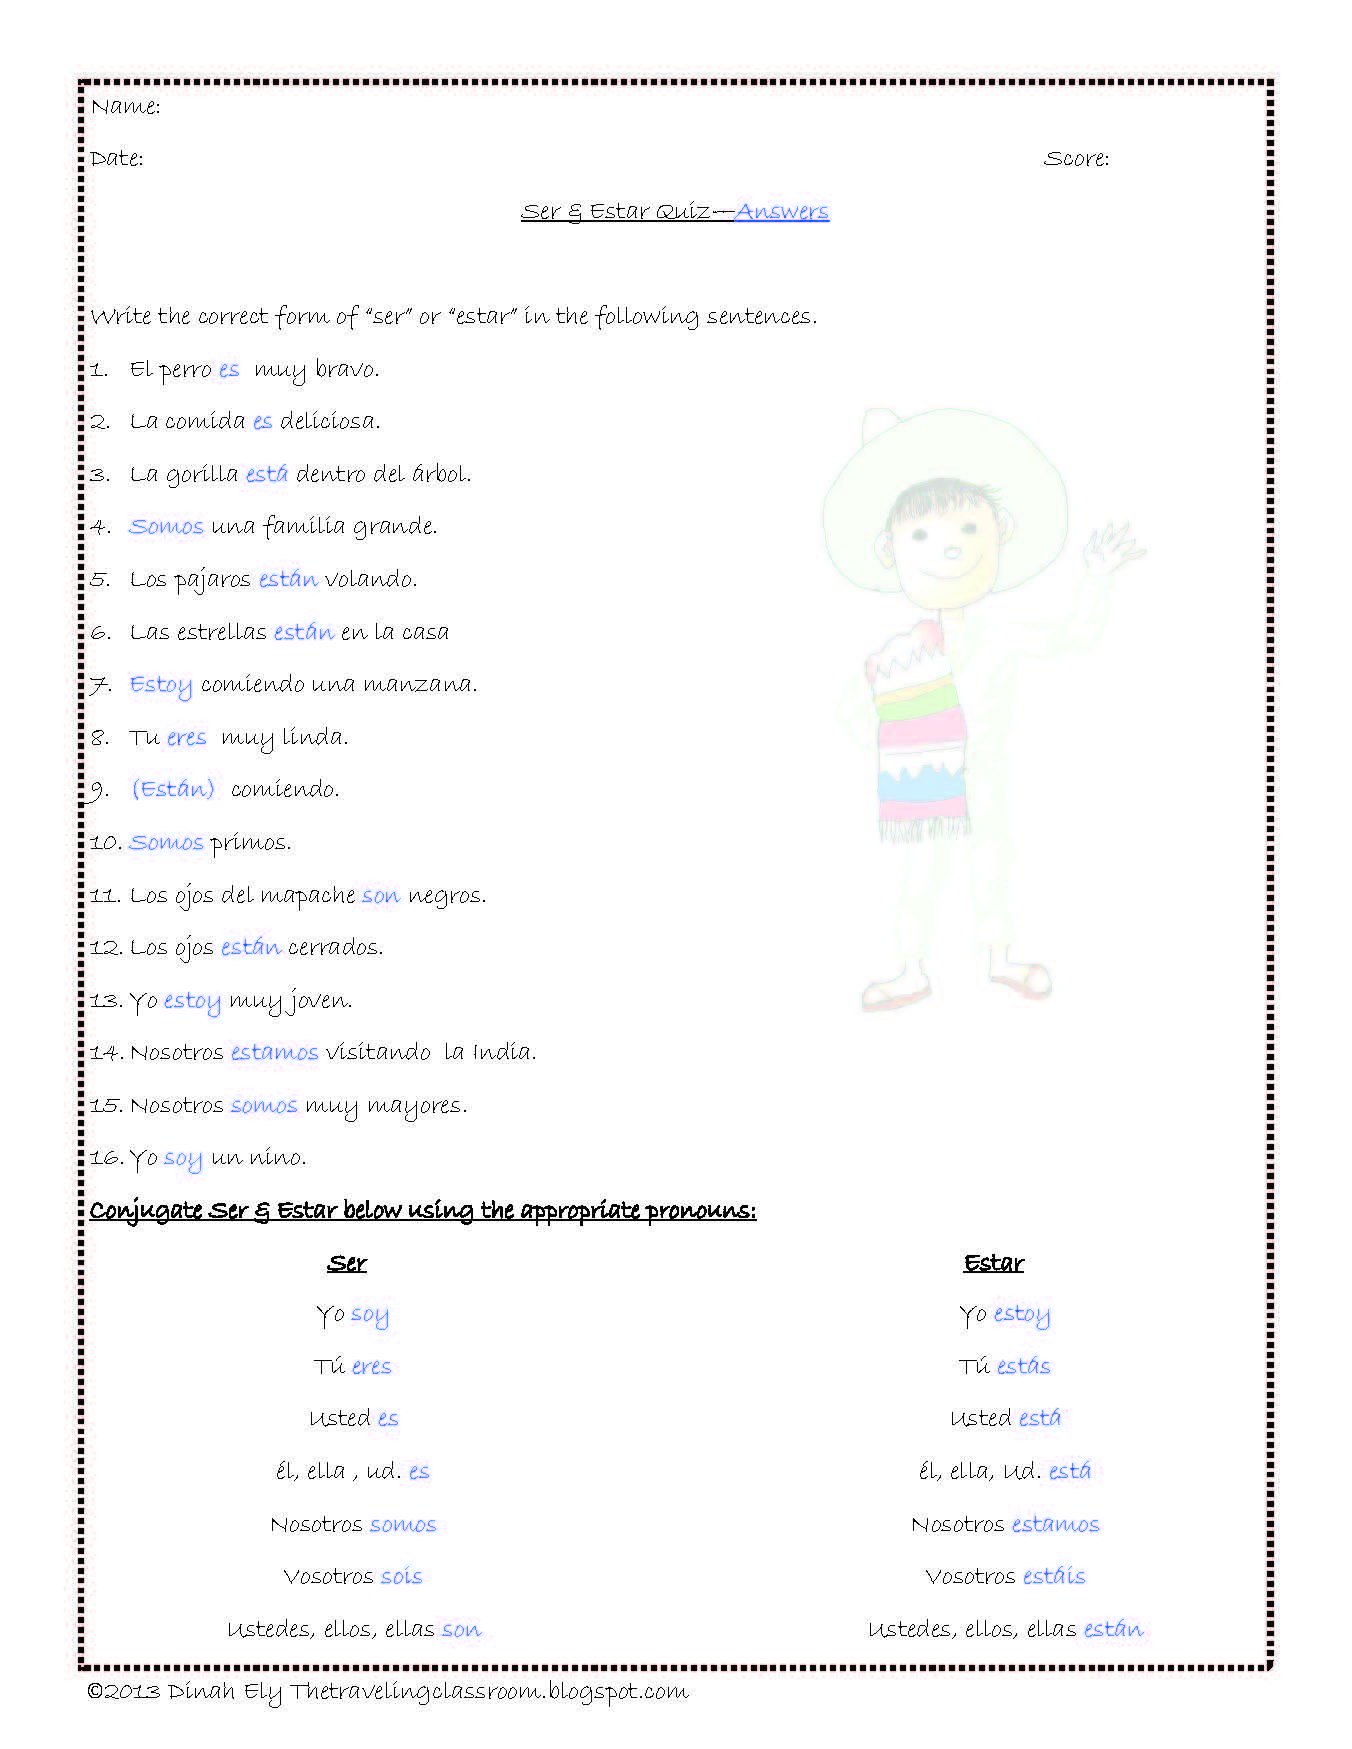 Ser Estar Y Tener Worksheet Answers